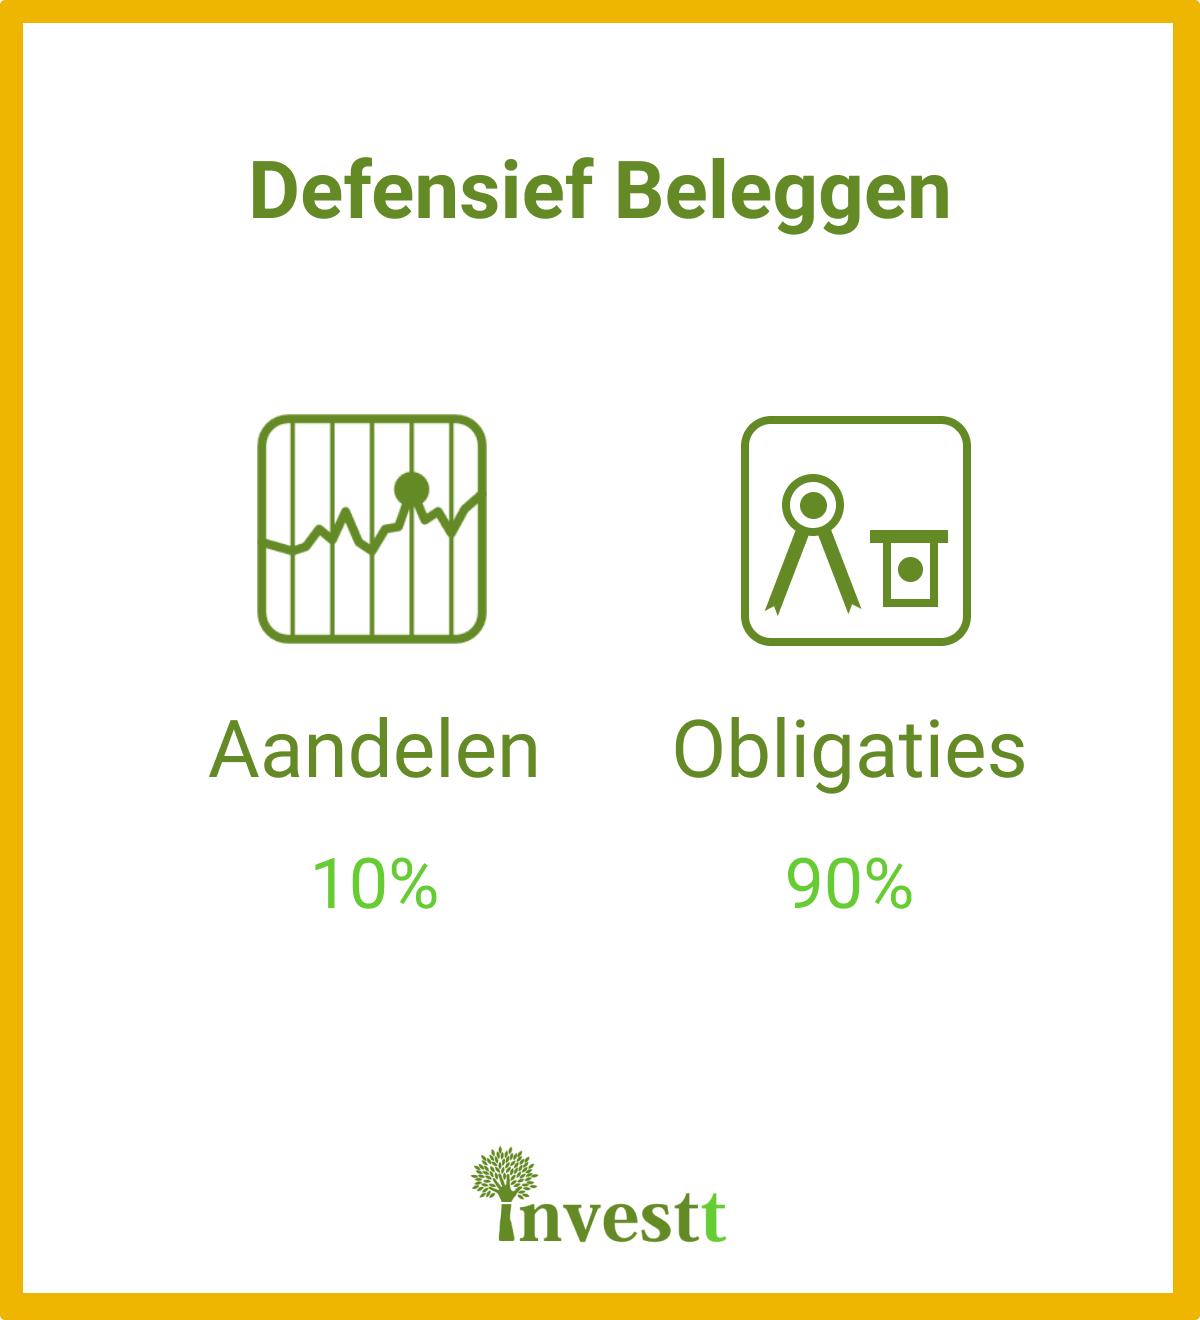 defensief beleggen